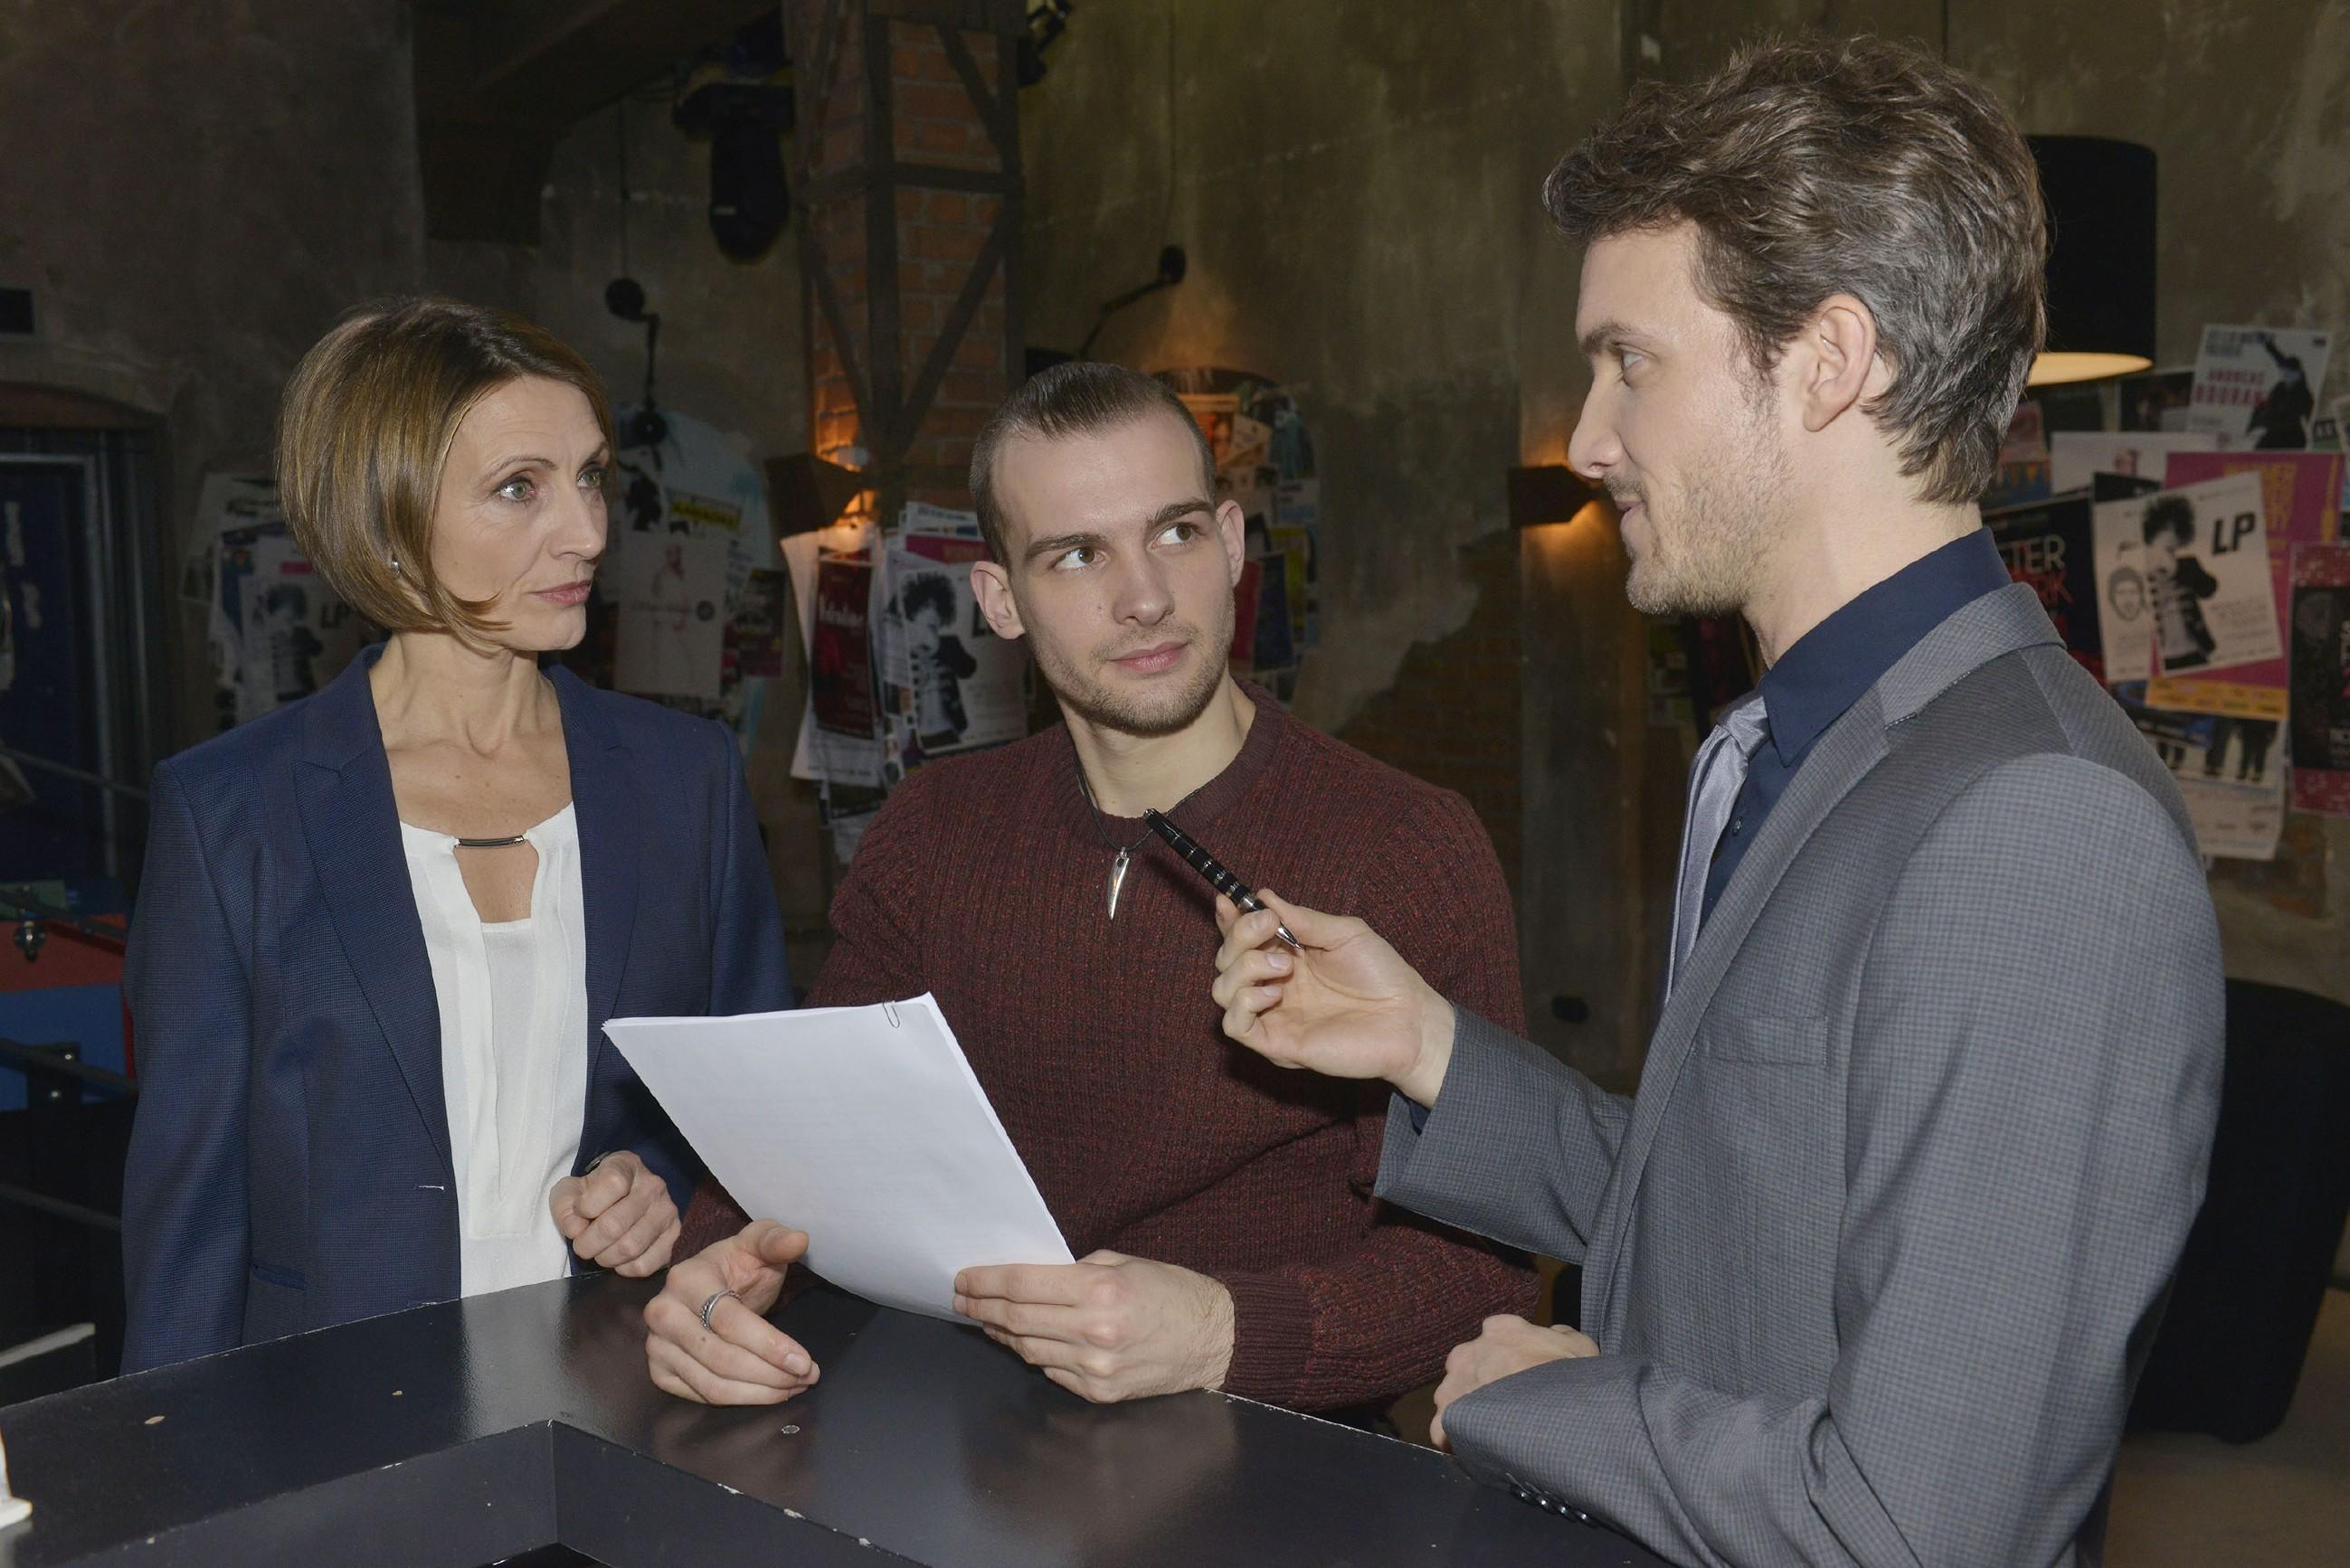 Felix (Thaddäus Meilinger, r.) möchte, dass Chris (Eric Stehfest) in Gegenwart ihrer Mutter Rosa (Joana Schümer) mit der Unterschrift sein Schicksal besiegelt. (RTL / Rolf Baumgartner)